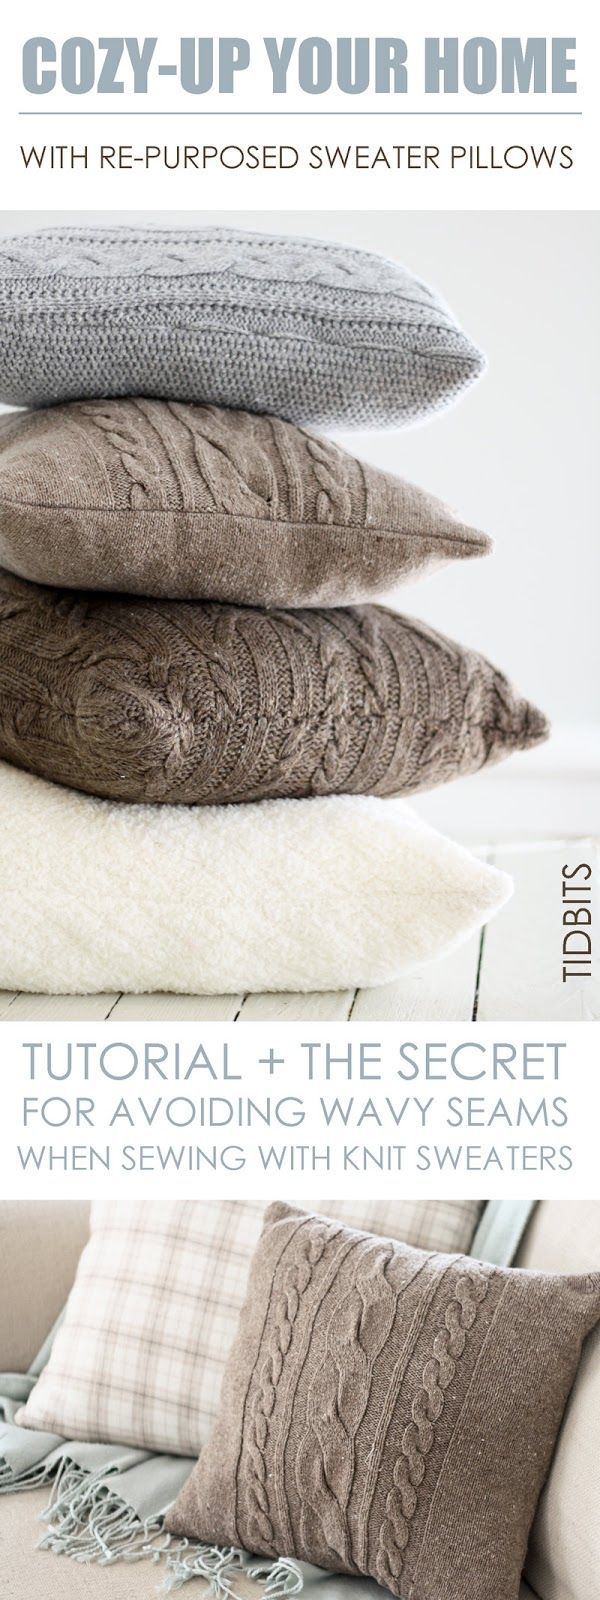 donneinpink - risparmio e fai da te: Idee fai da te - Creare cuscini per il divano a costo zero